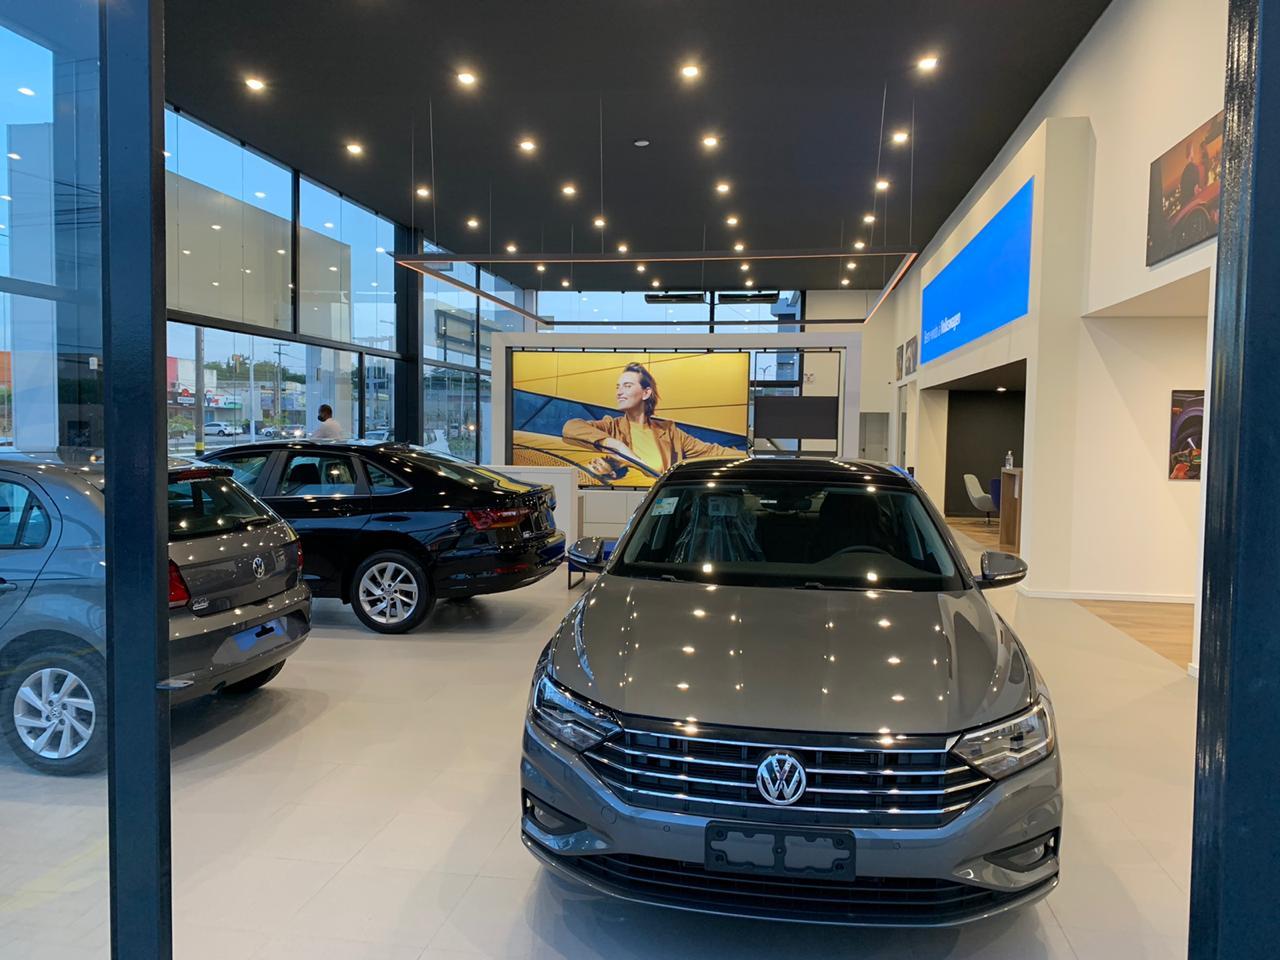 Em abril, concessionária Nacional desponta no mercado e vende quase a metade de Volkswagens em Fortaleza